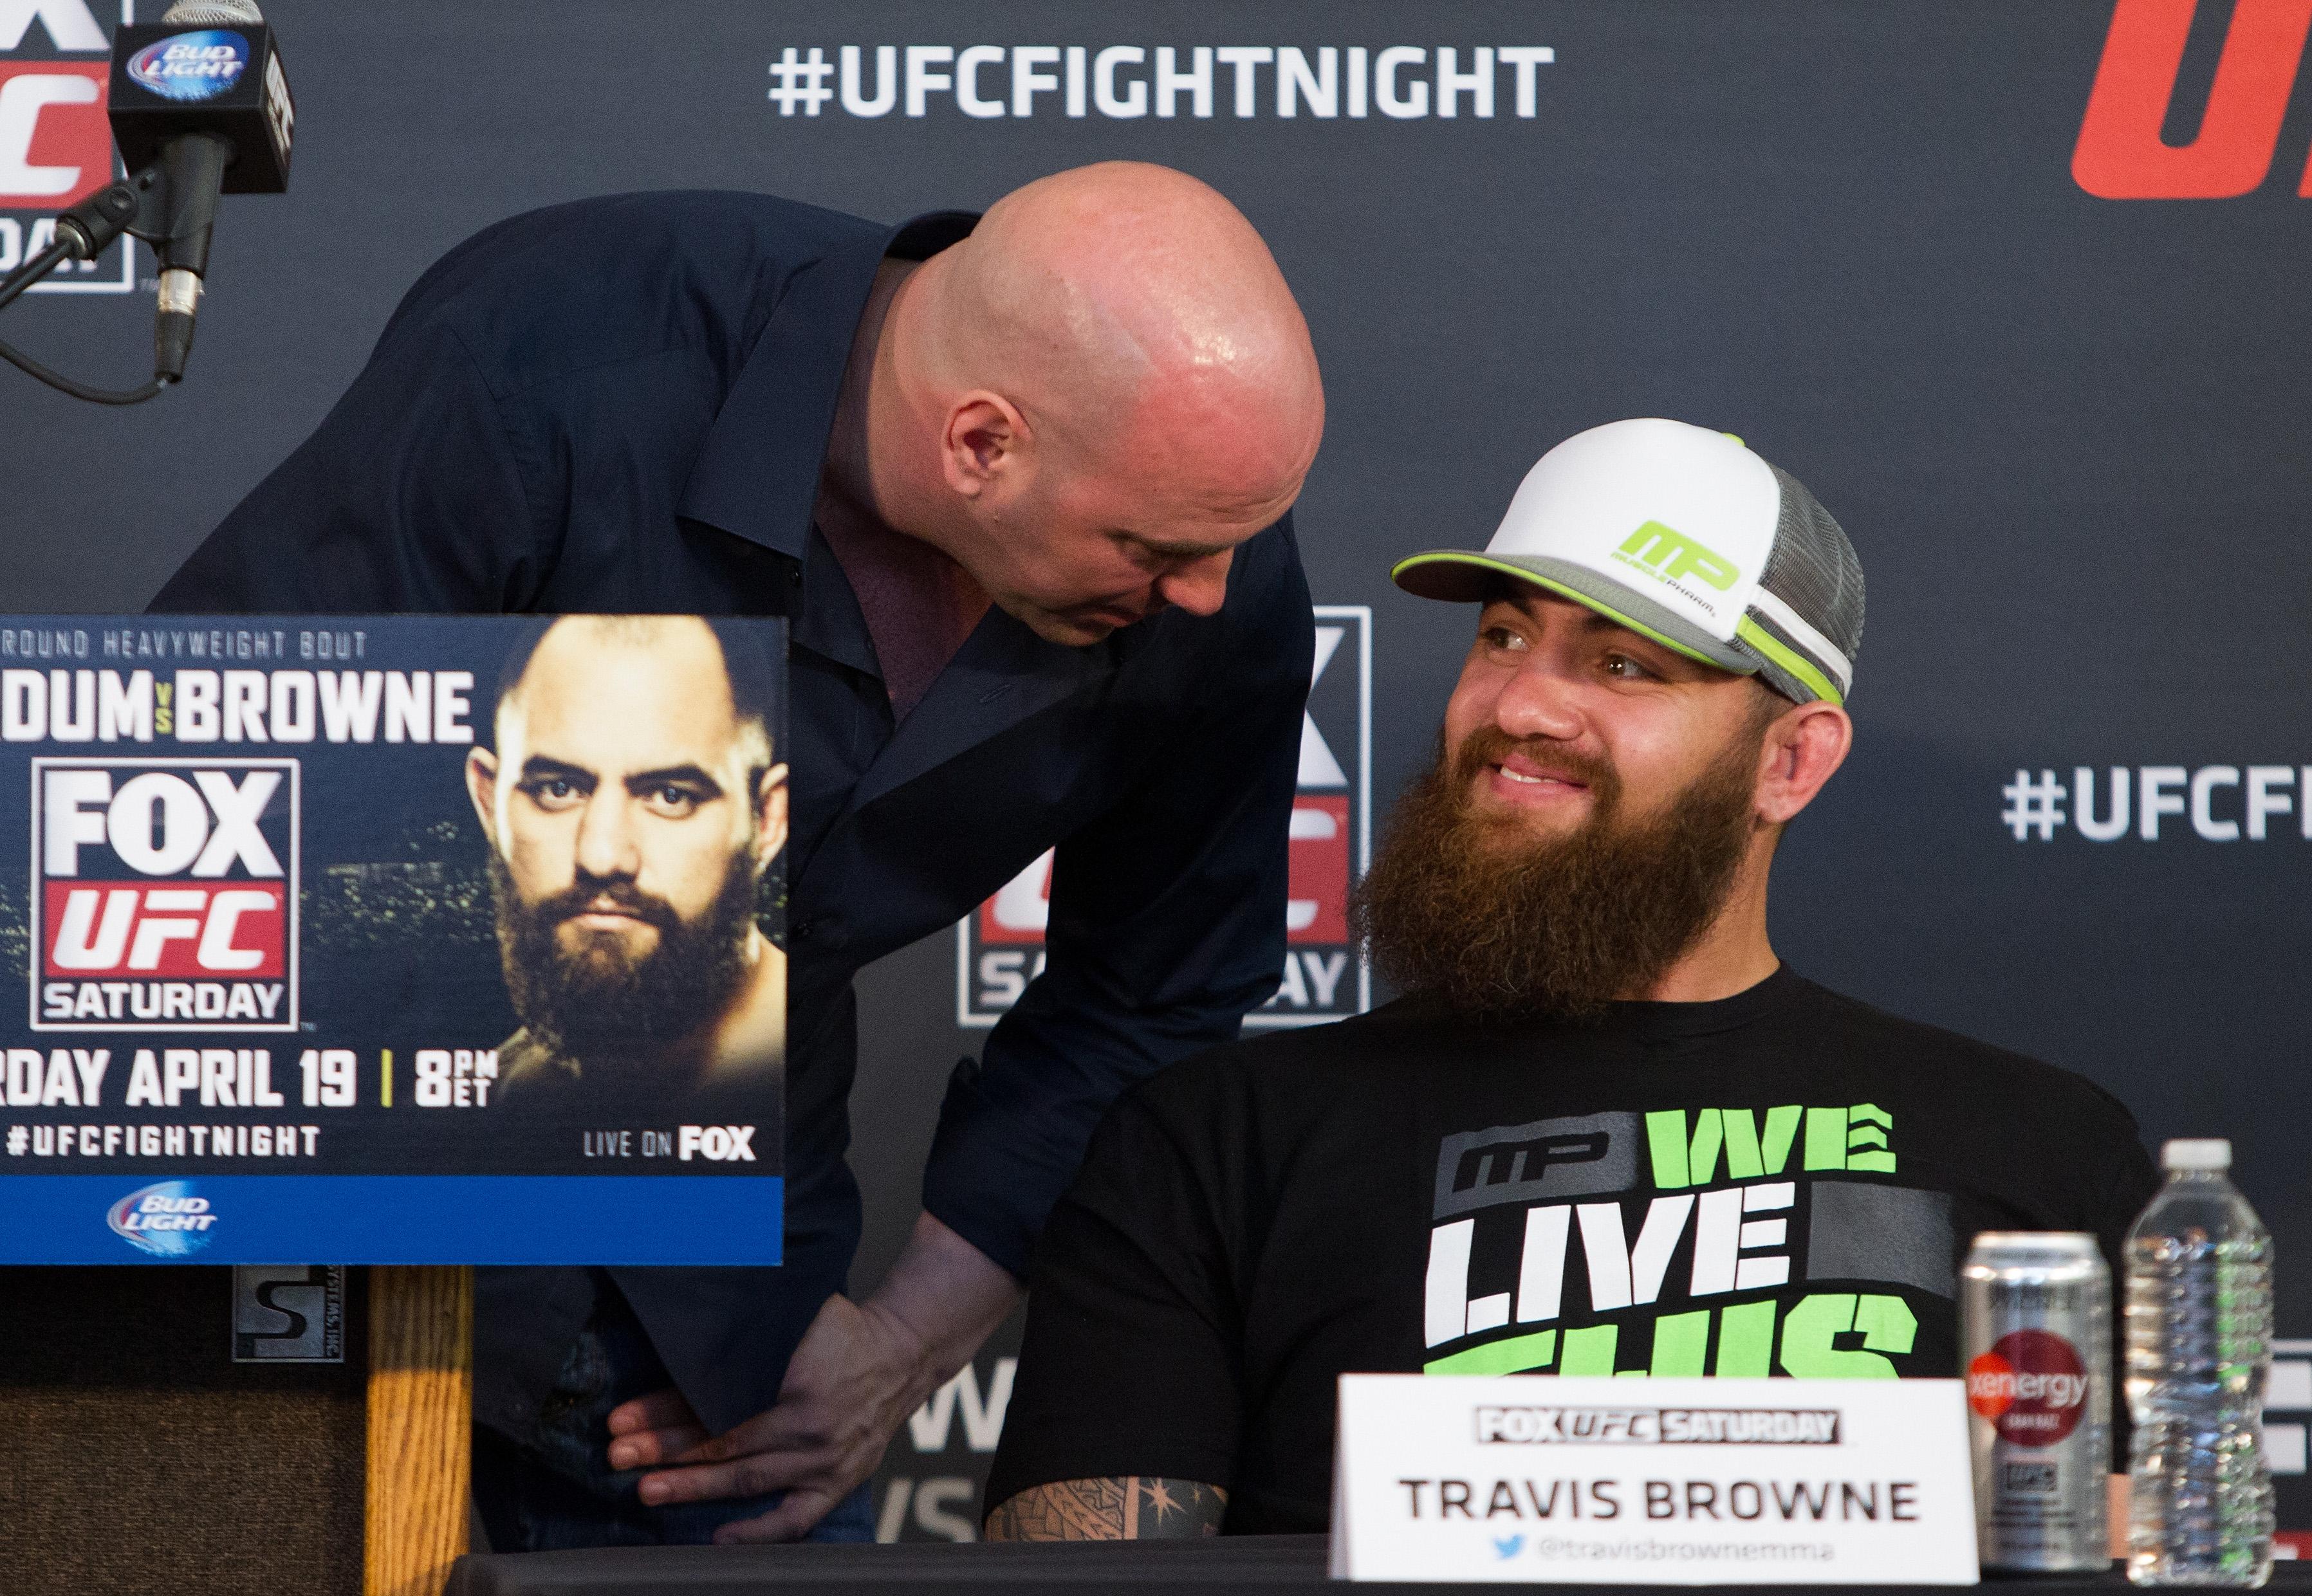 FOX UFC Saturday Press Conference